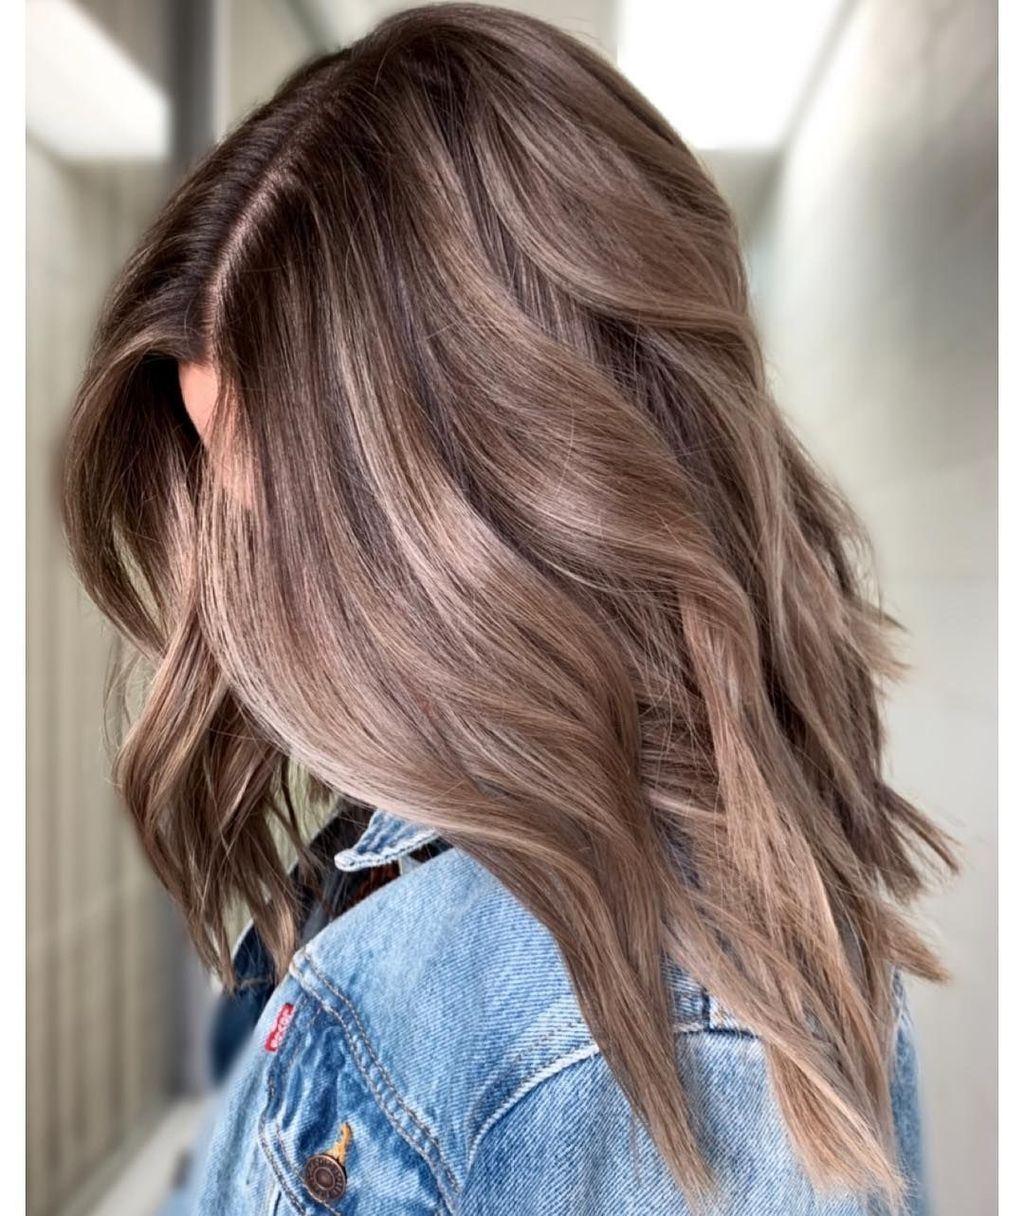 15+ Wonderful Balayage Hair Color Ideas For 15 | Hair styles ...